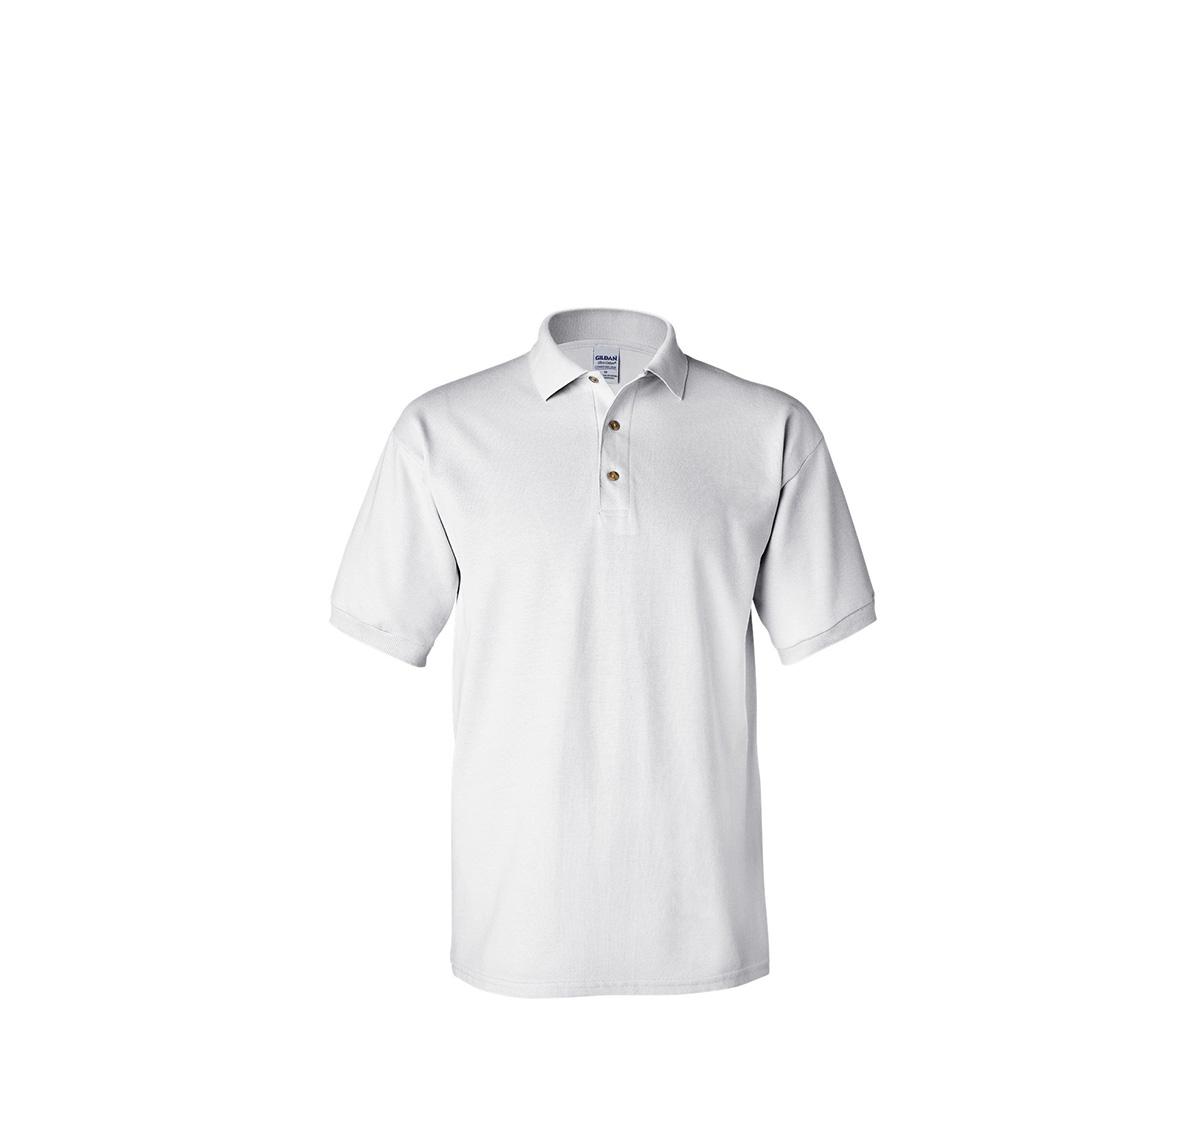 Design My Own Polo Shirt Online Lauren Goss